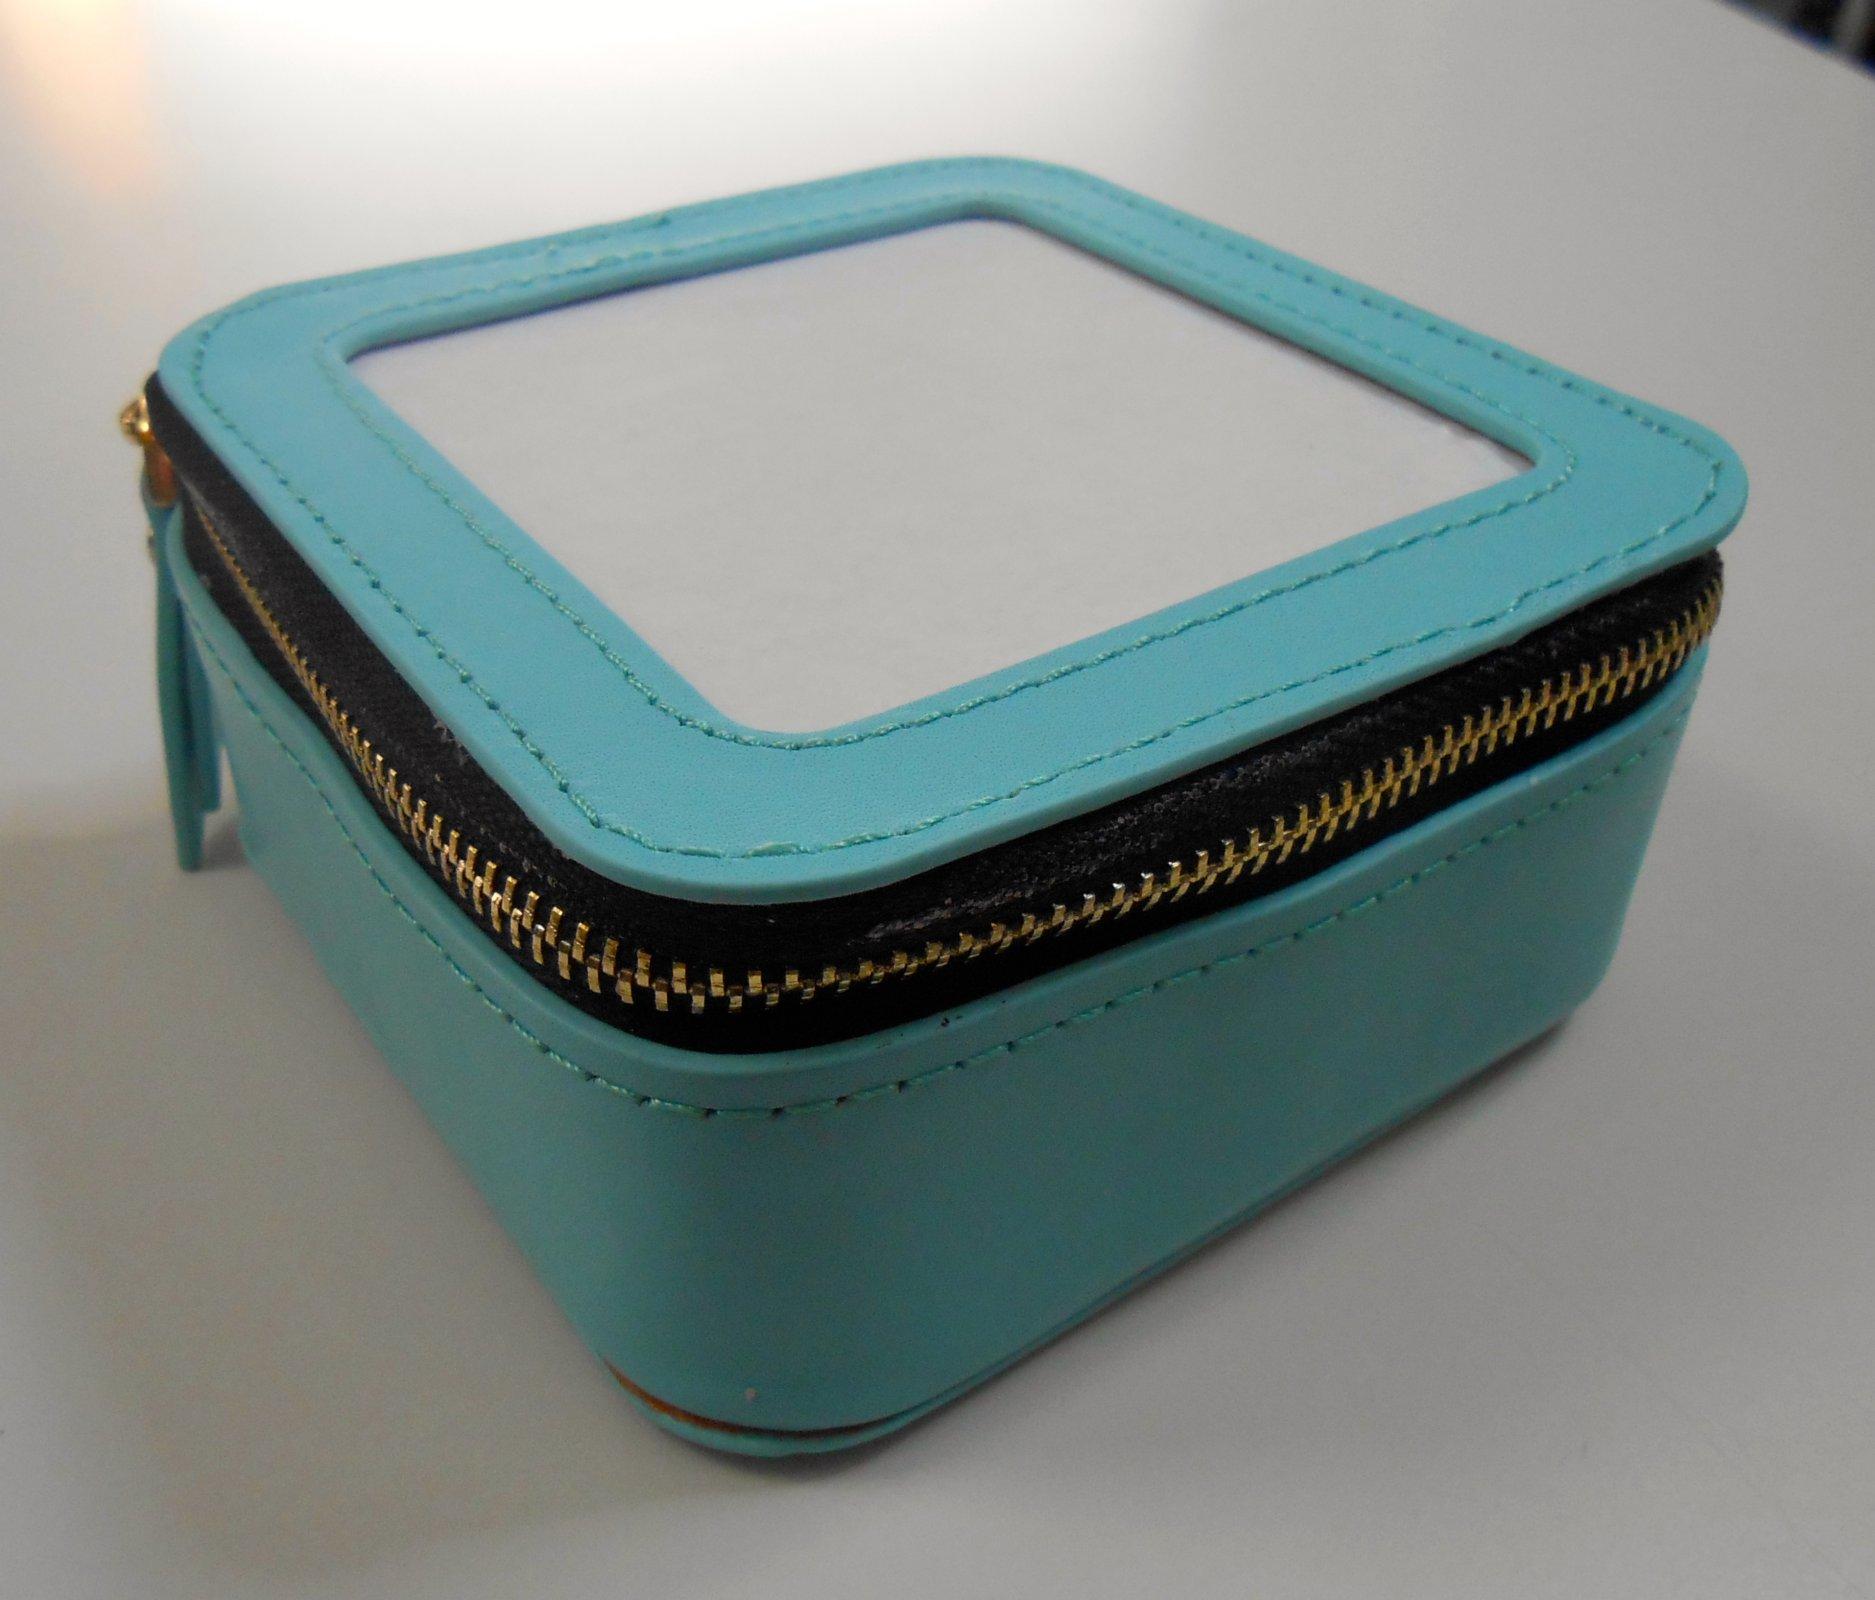 Leather Jewelry Case - Aqua